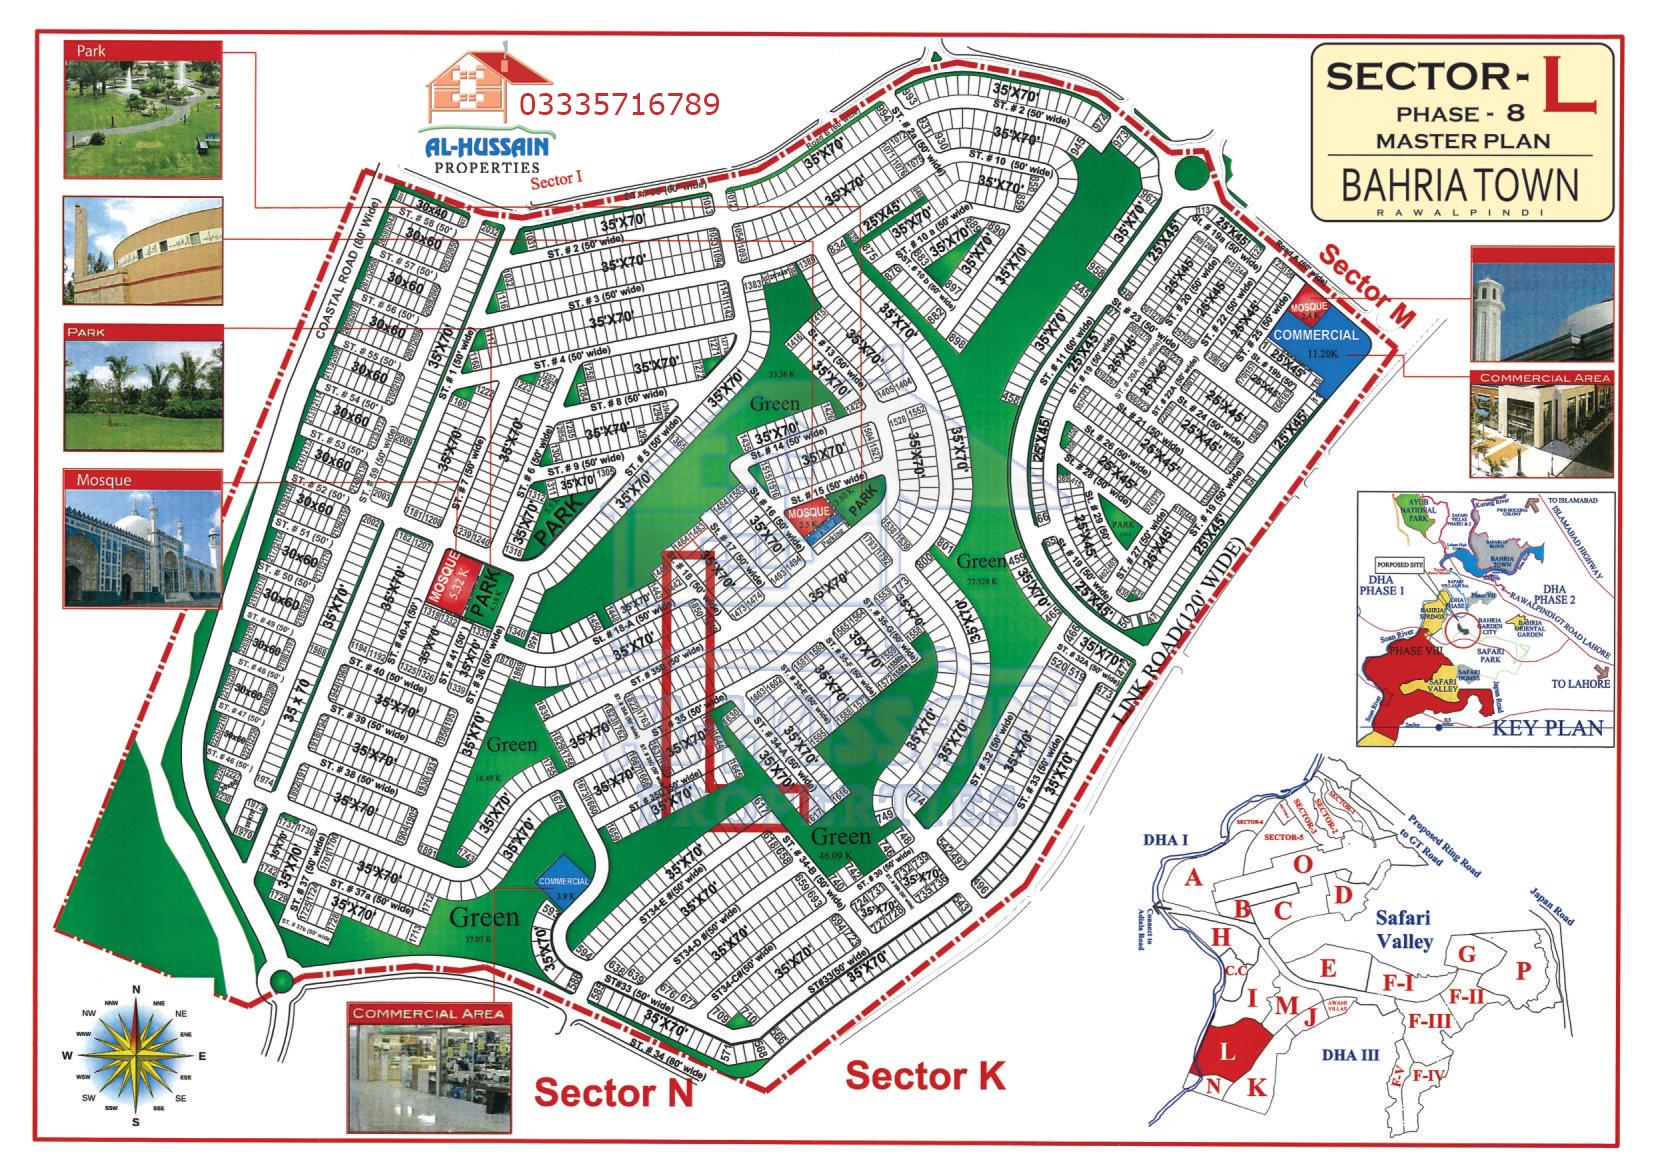 Master Plan Sector L Phase 8 Bahria Town Rawalpindi